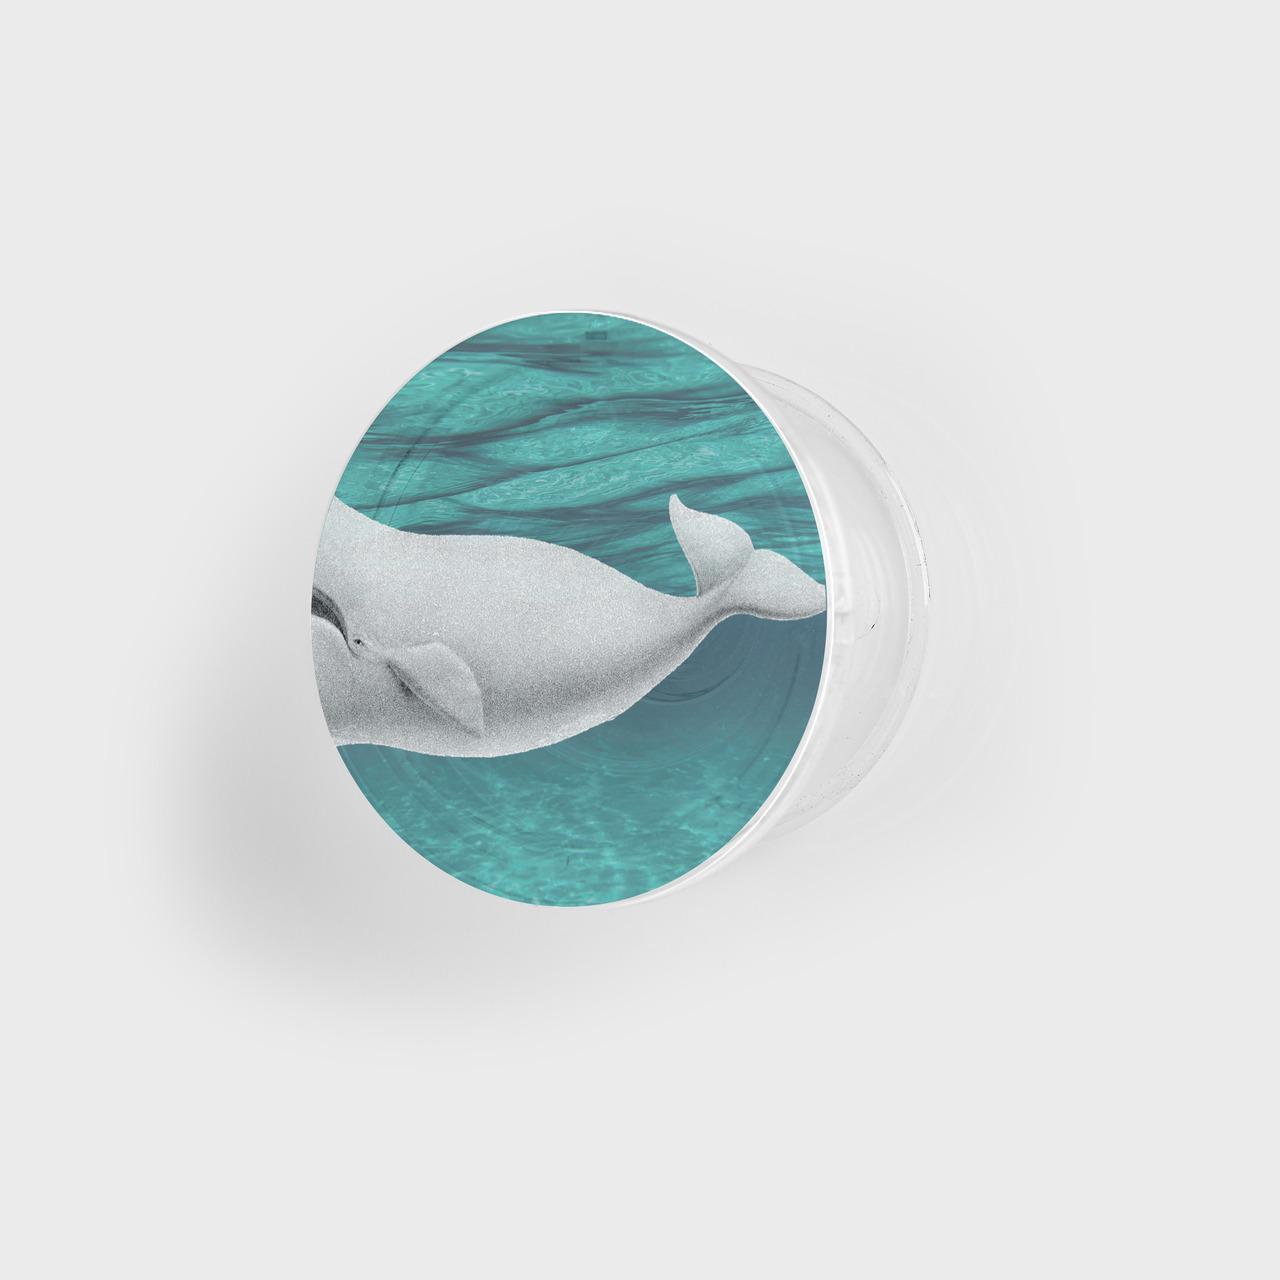 [투명폰케이스+TOK 세트] Ocean No.03